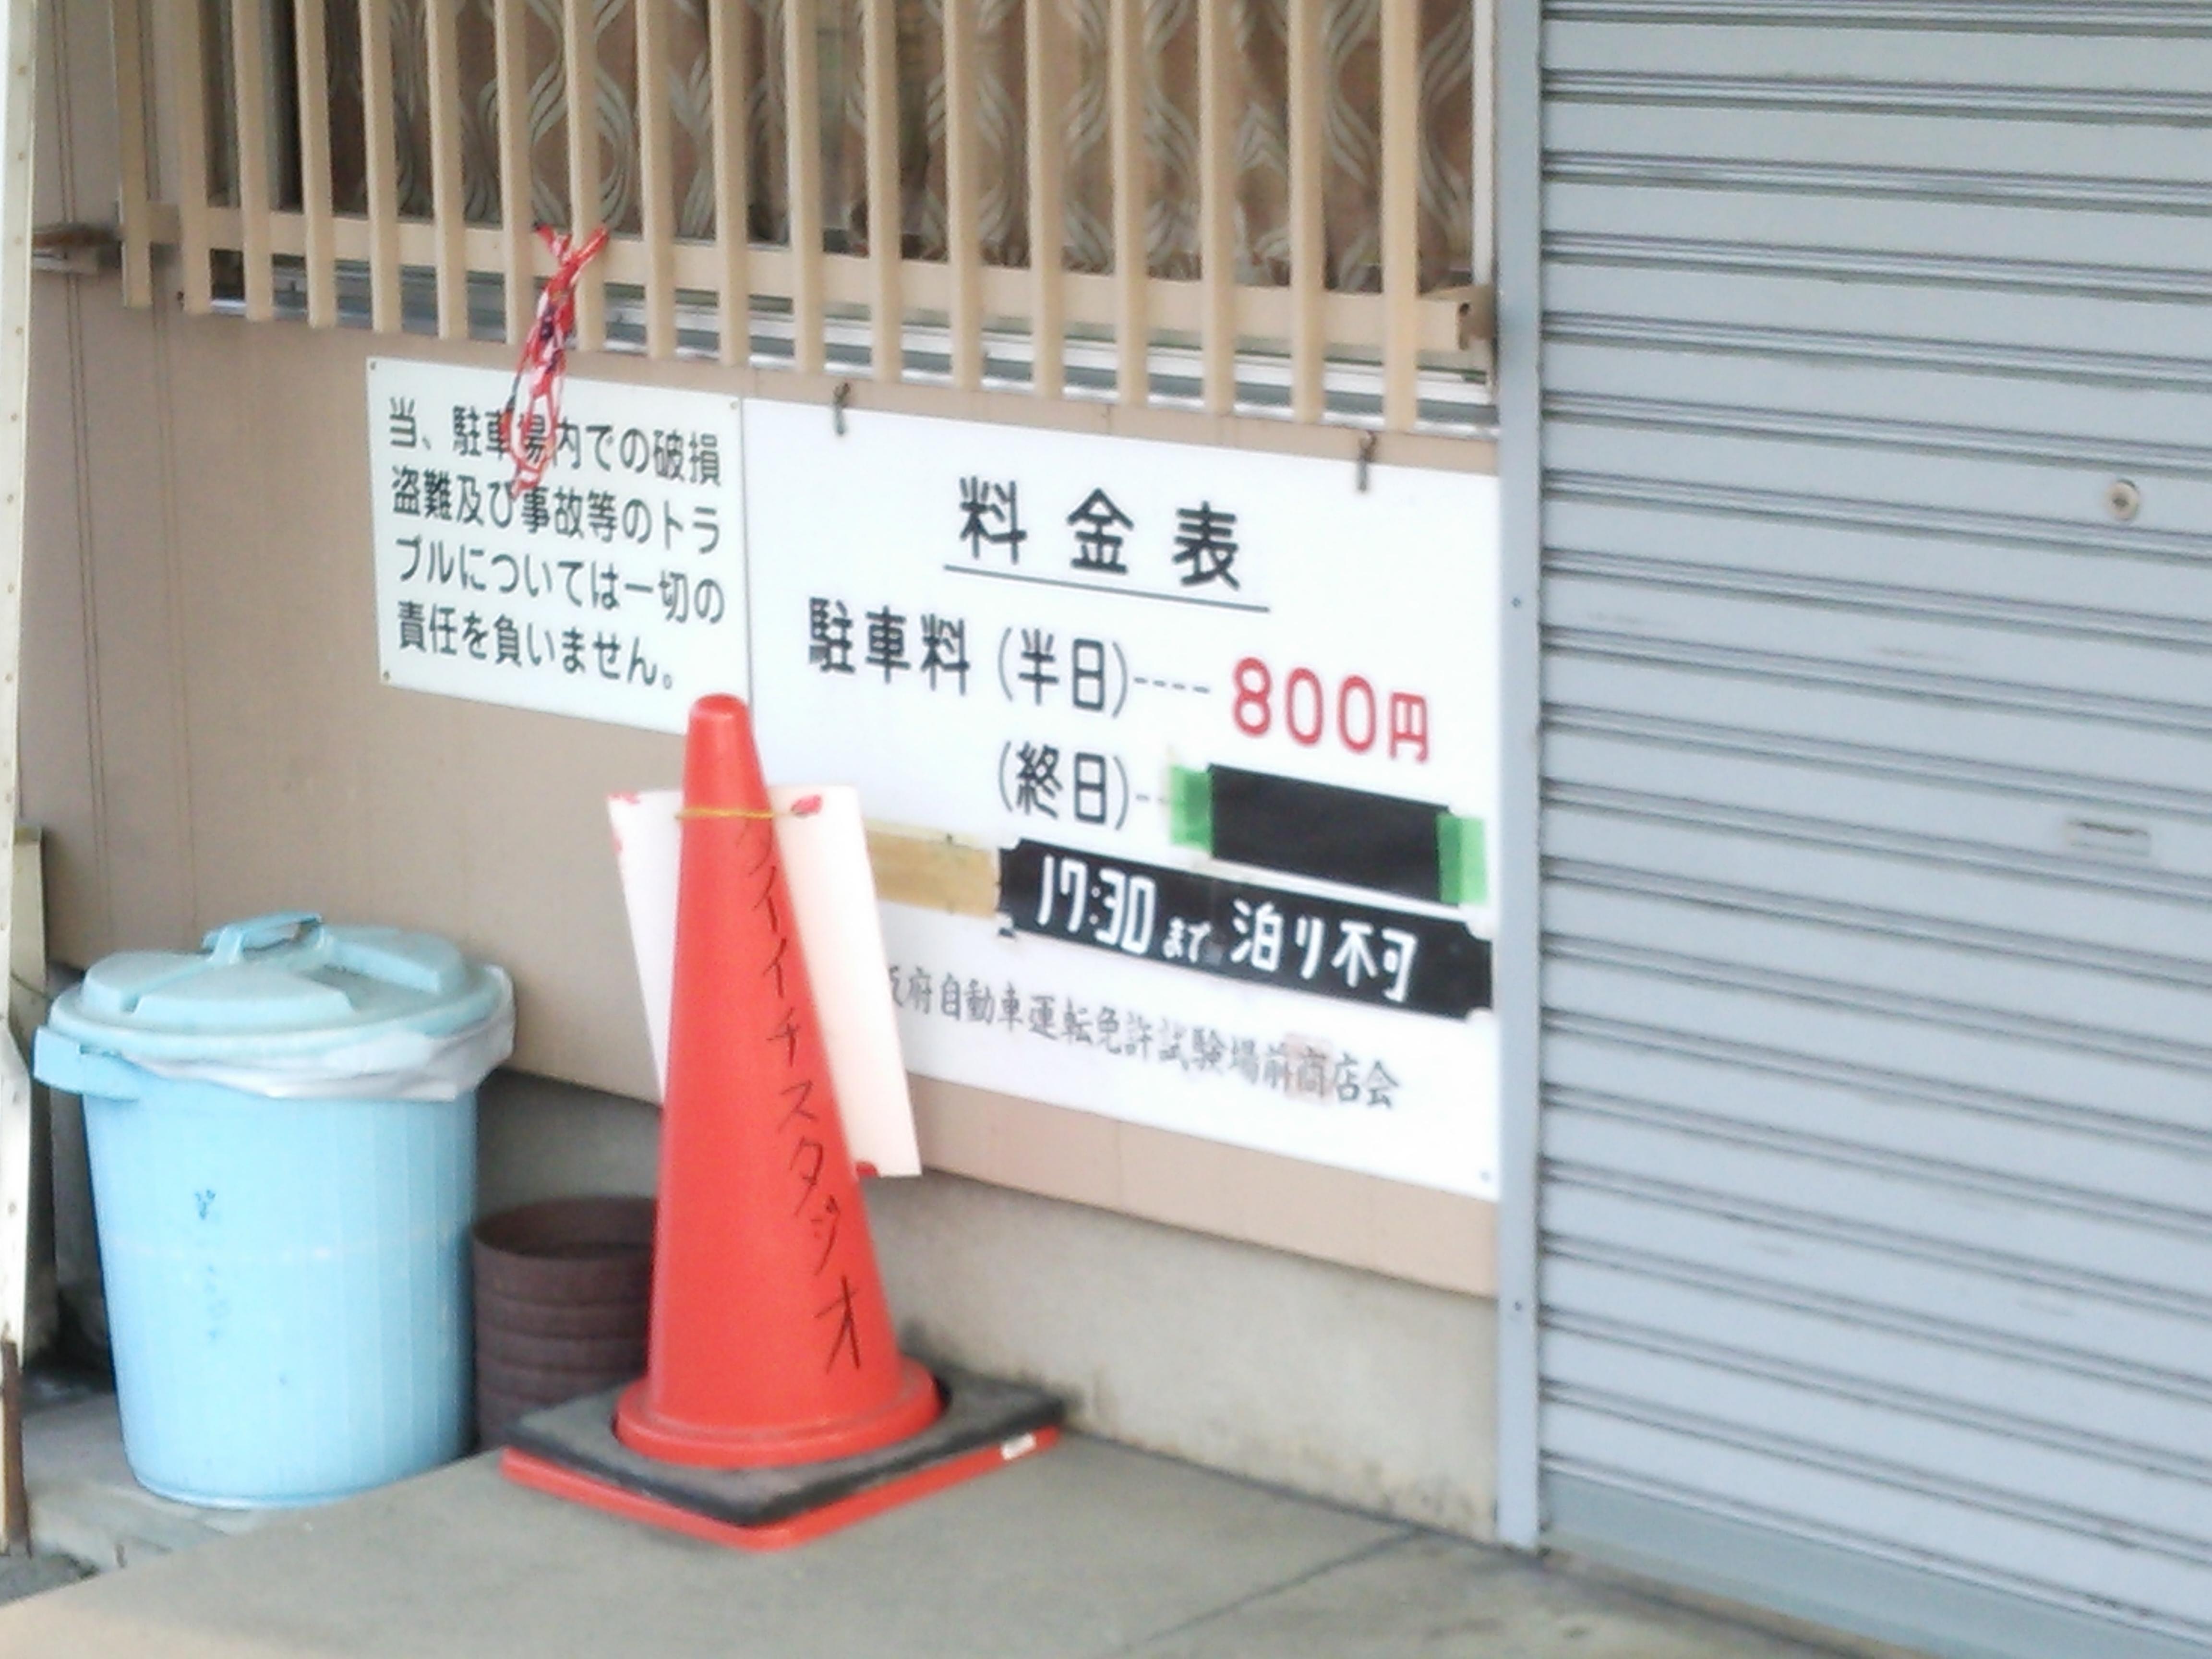 試験場 免許 車場 運転 門真 駐